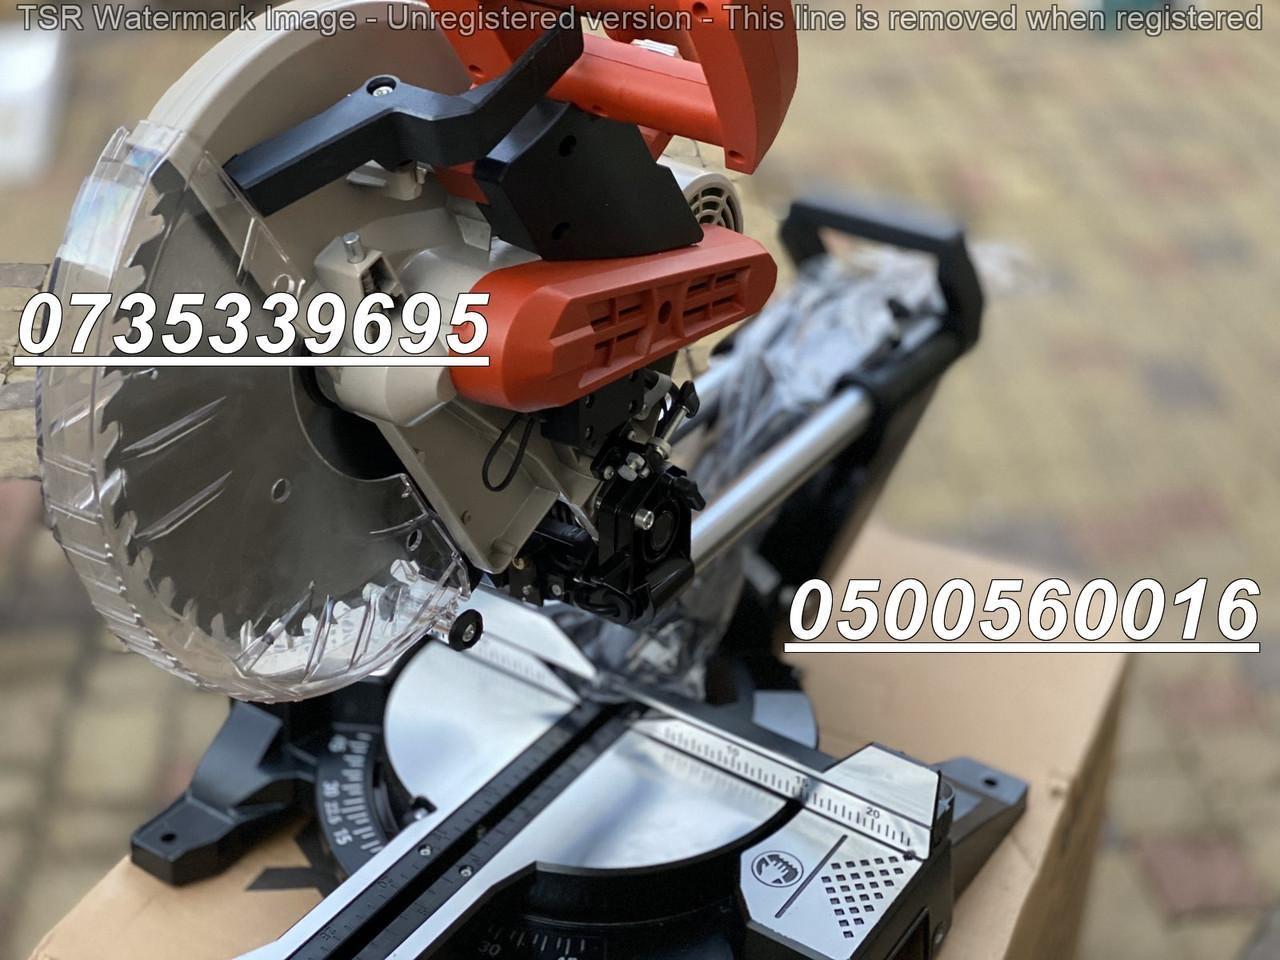 Пила торцовочная (торцовка) LEX LXCM 305 - уклон на две стороны. Ременная передача 3000 Вт